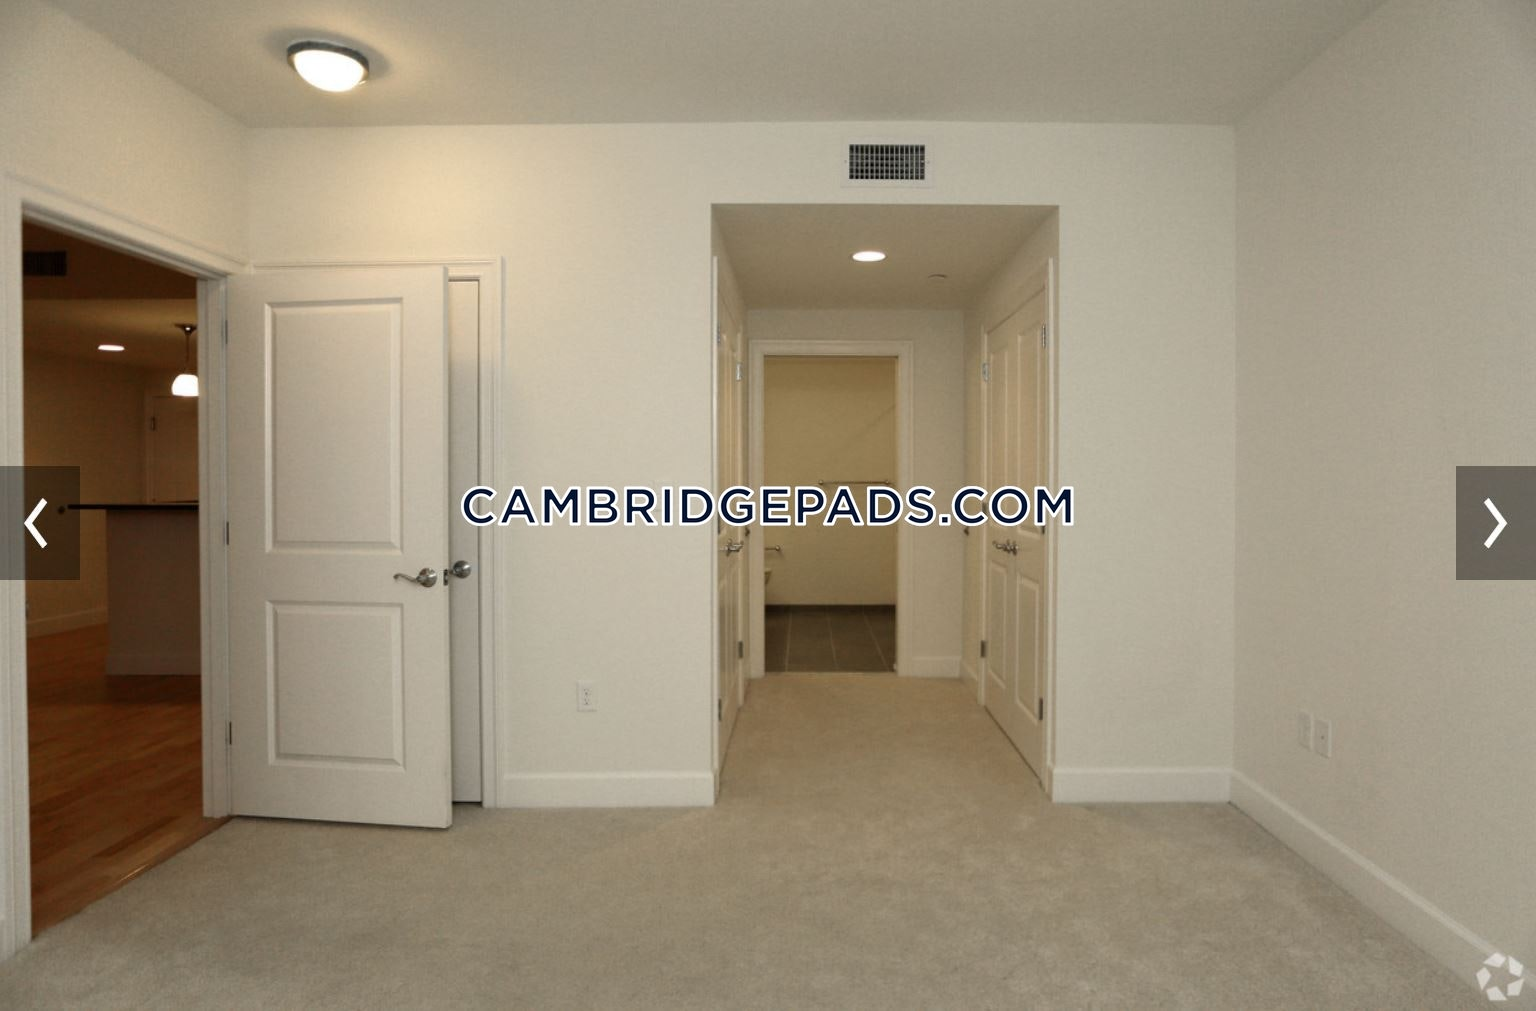 Cambridge - $4,000